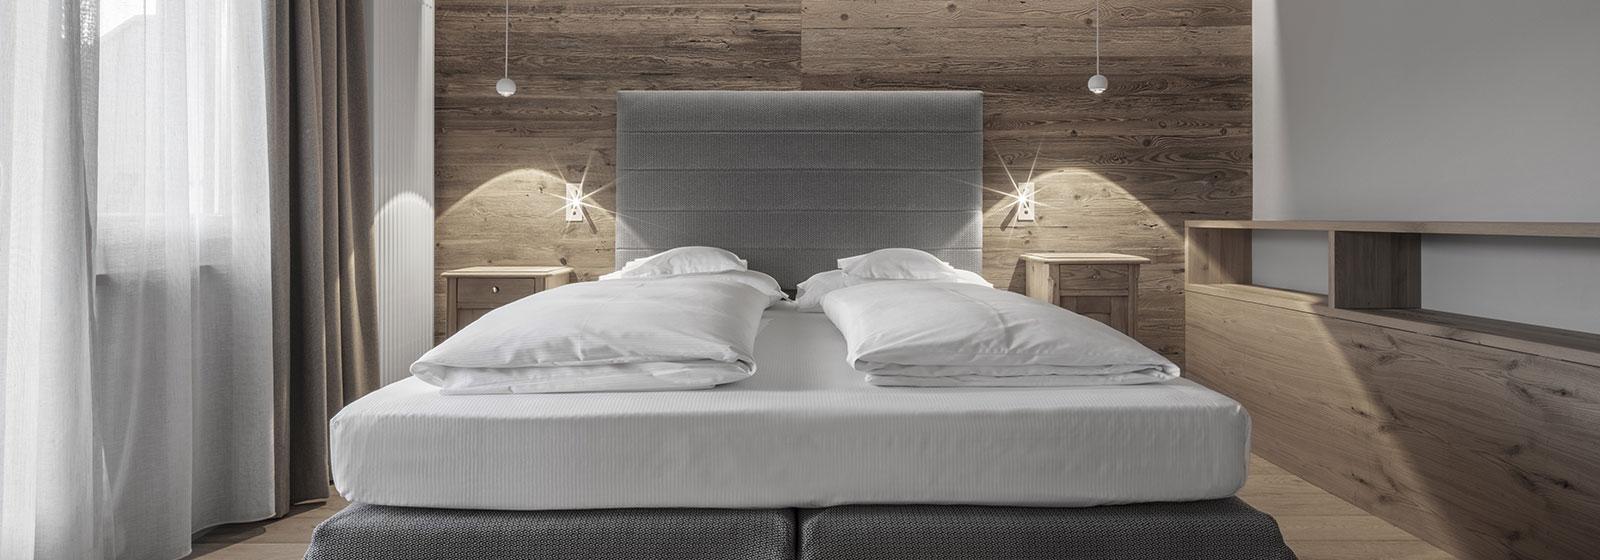 suite-lavarella-letto